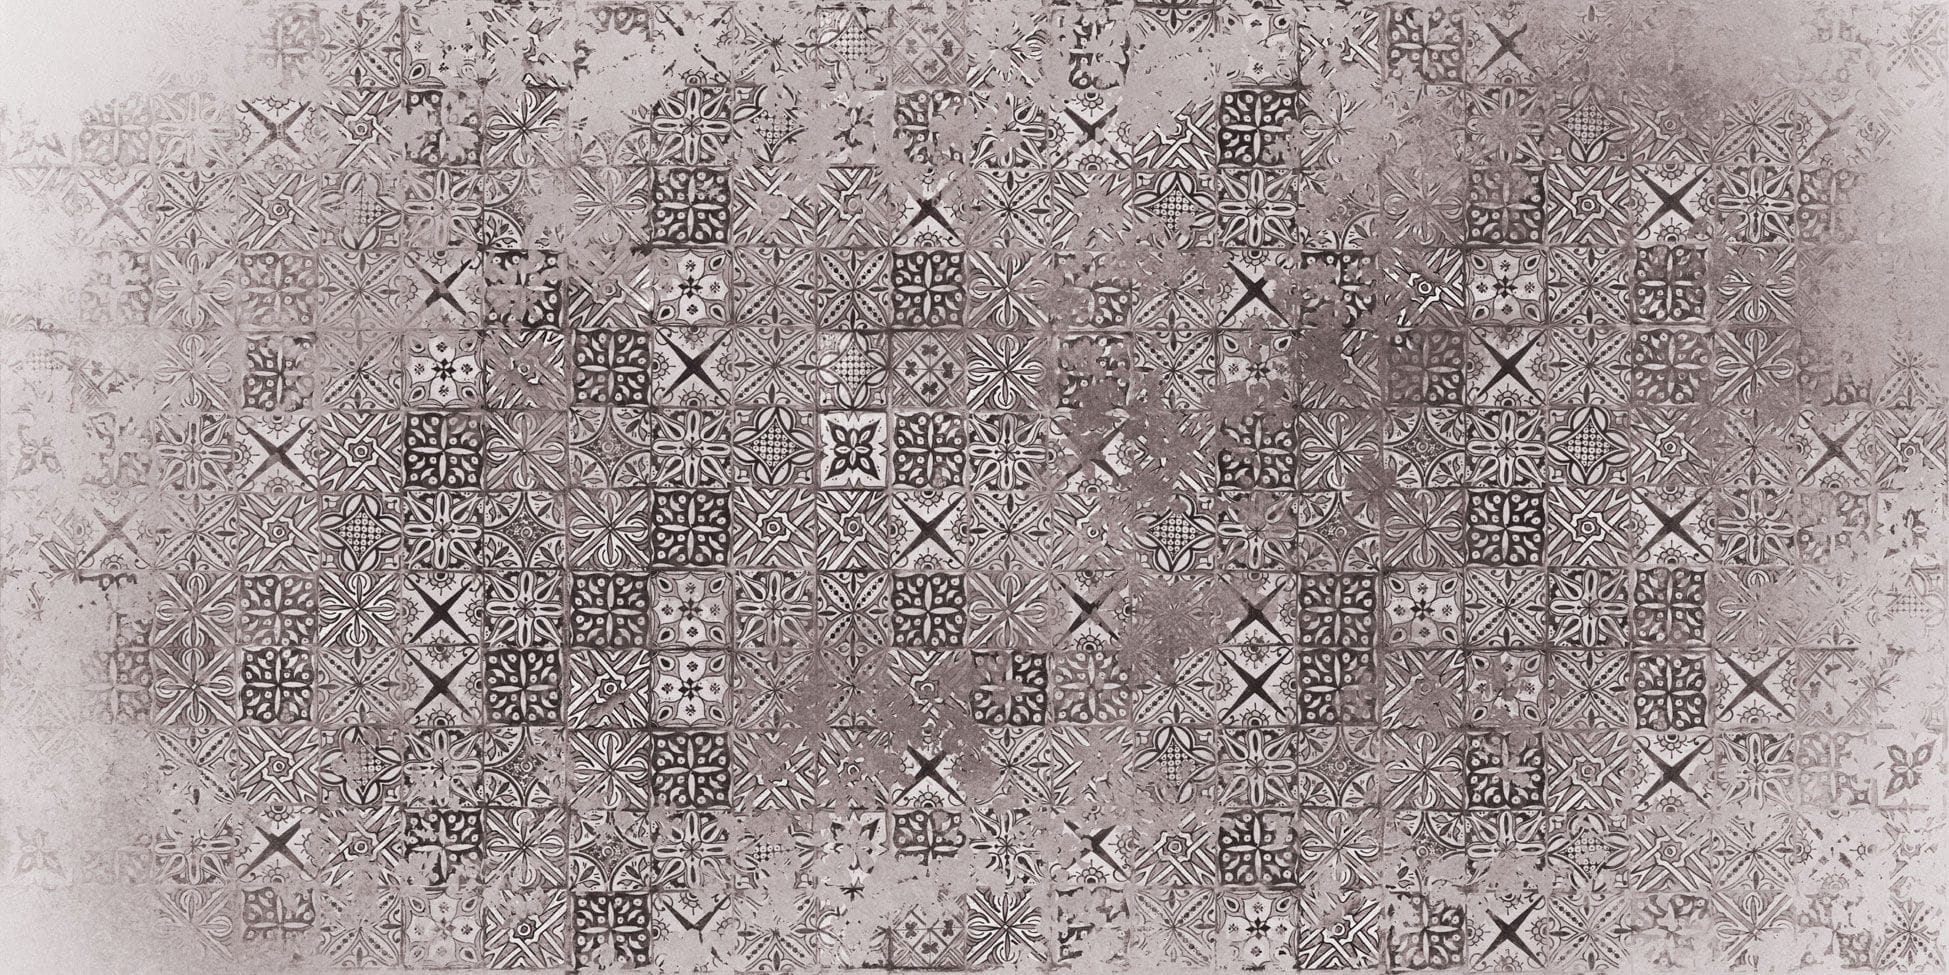 コンテンポラリー壁紙 幾何学模様 印字 Sicily Instabile Lab